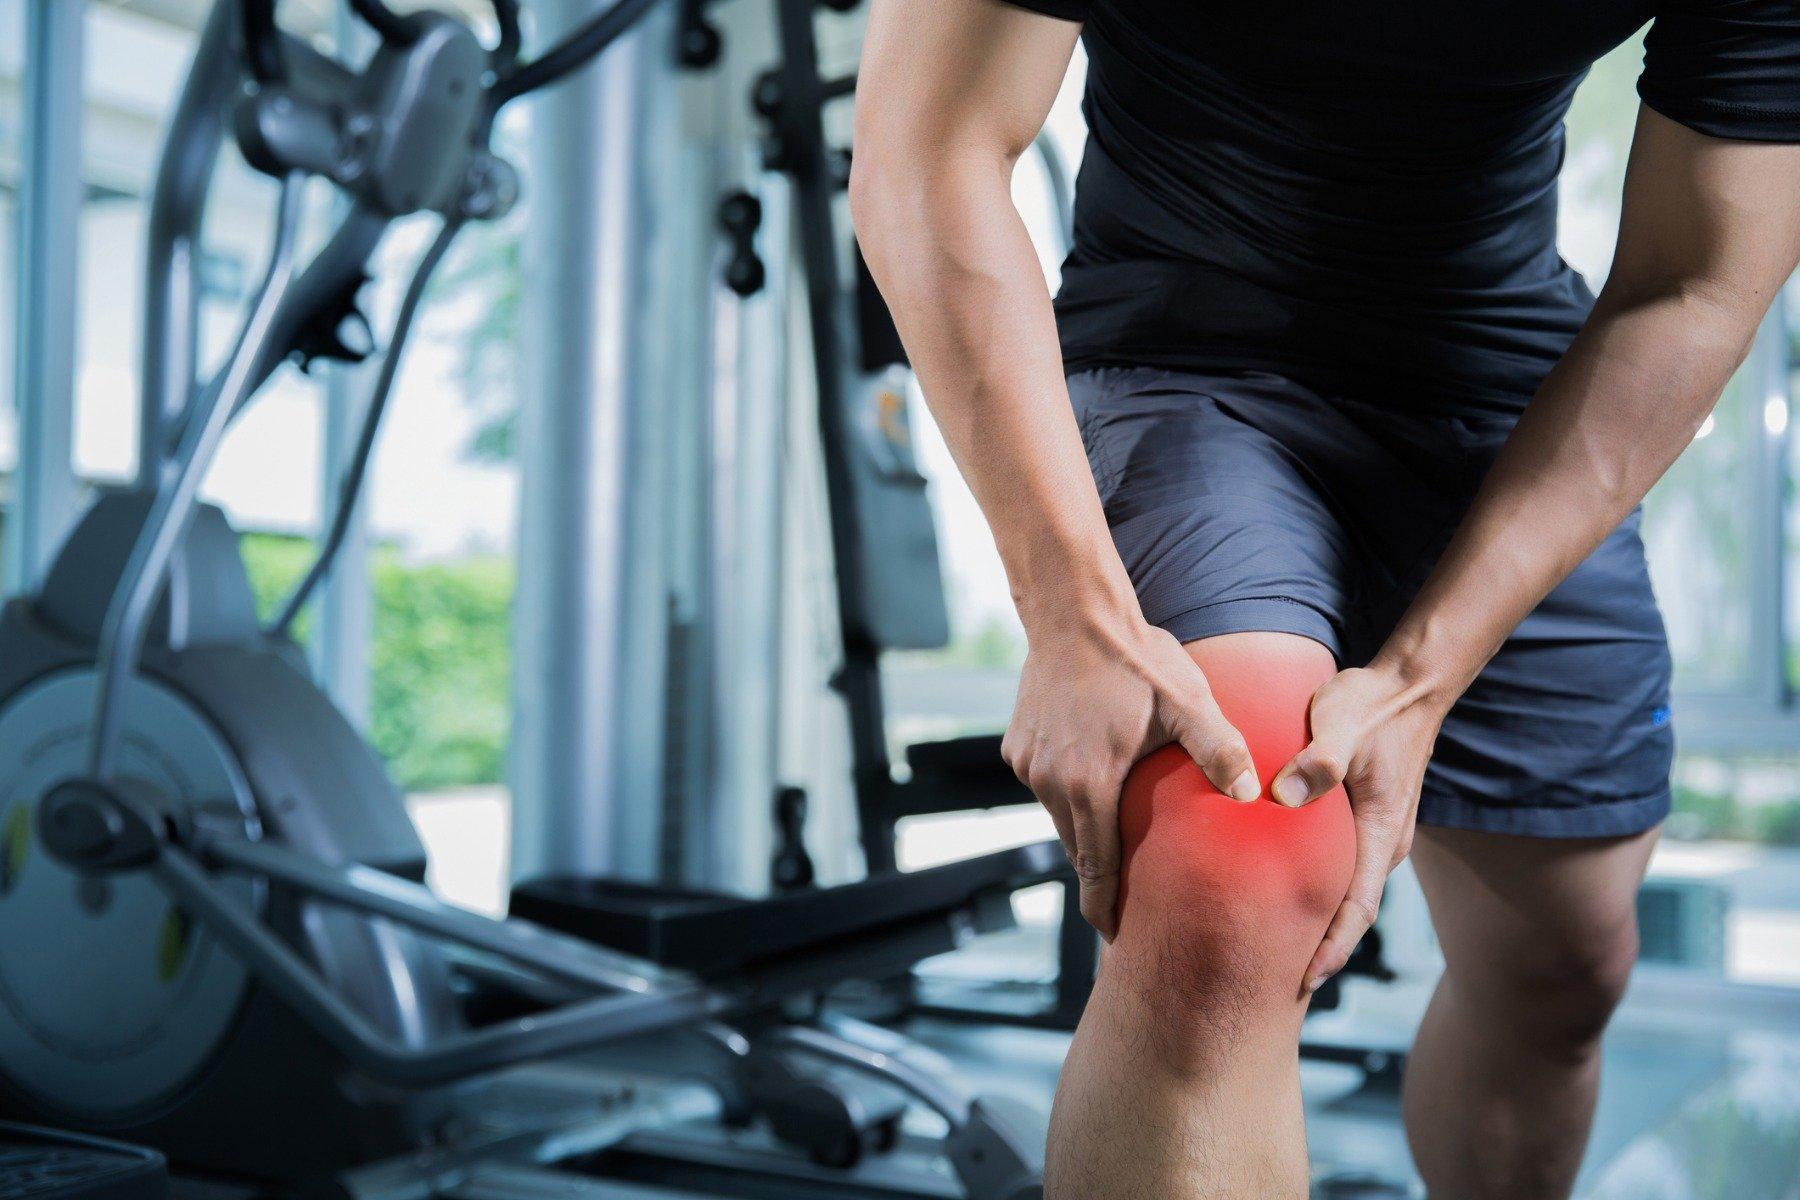 térdízület fájdalom gyakorlatok